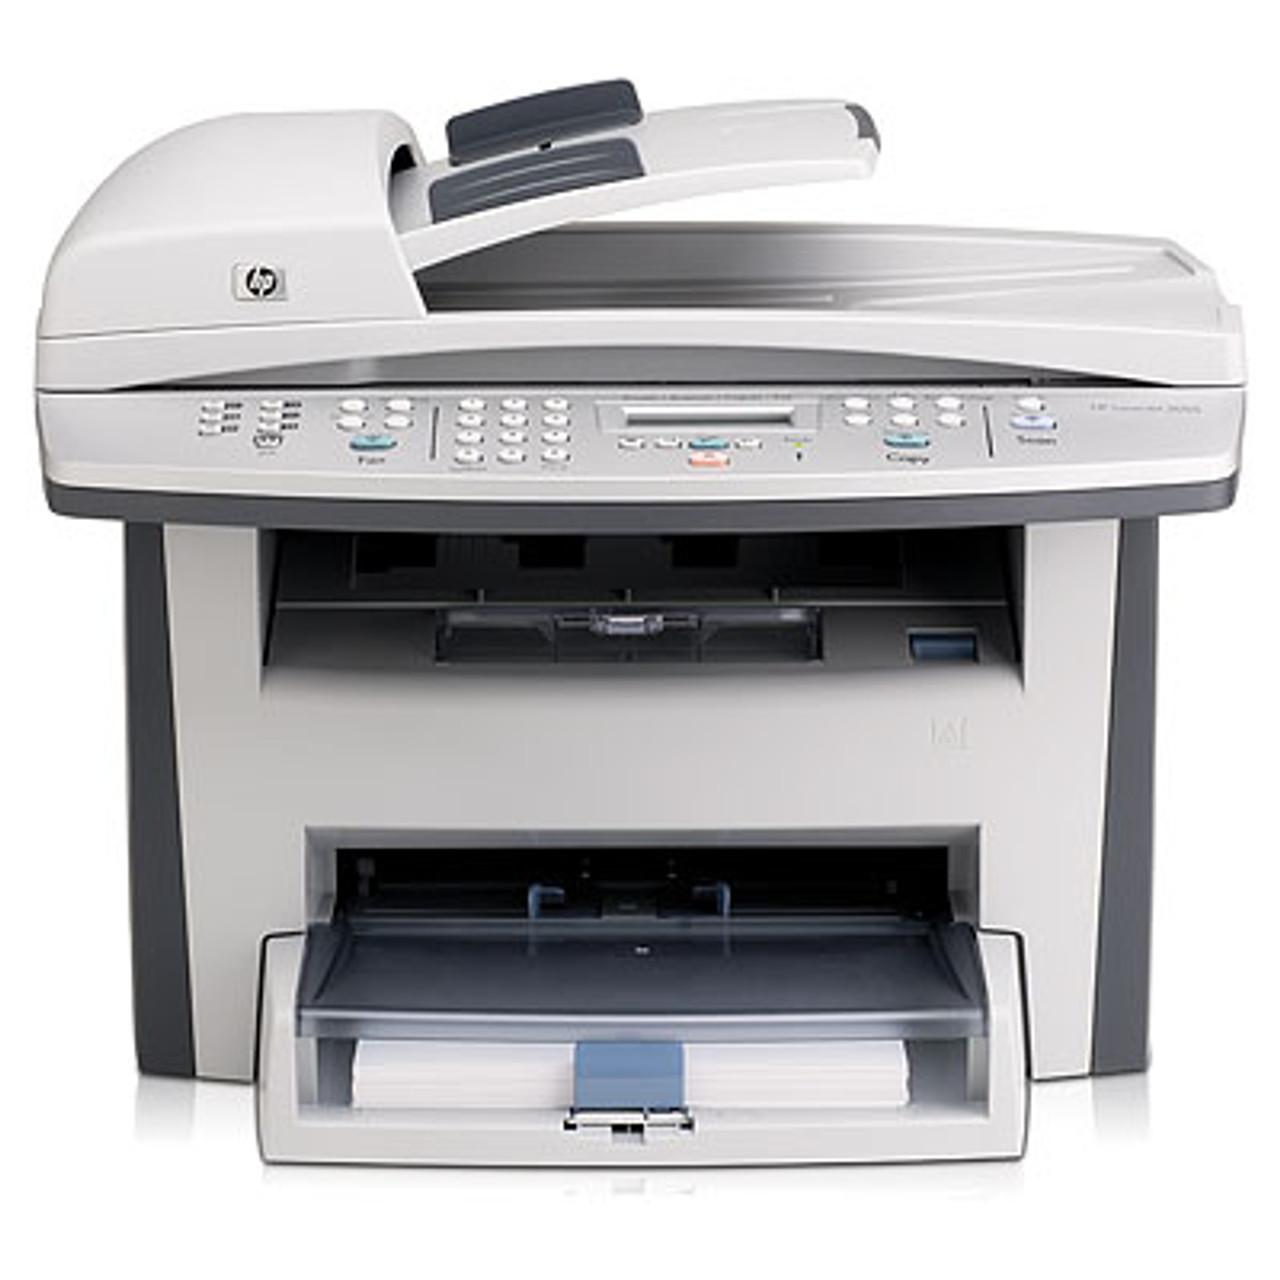 HP LaserJet 3055 MFP - Q6503A - HP Laser Printer for sale